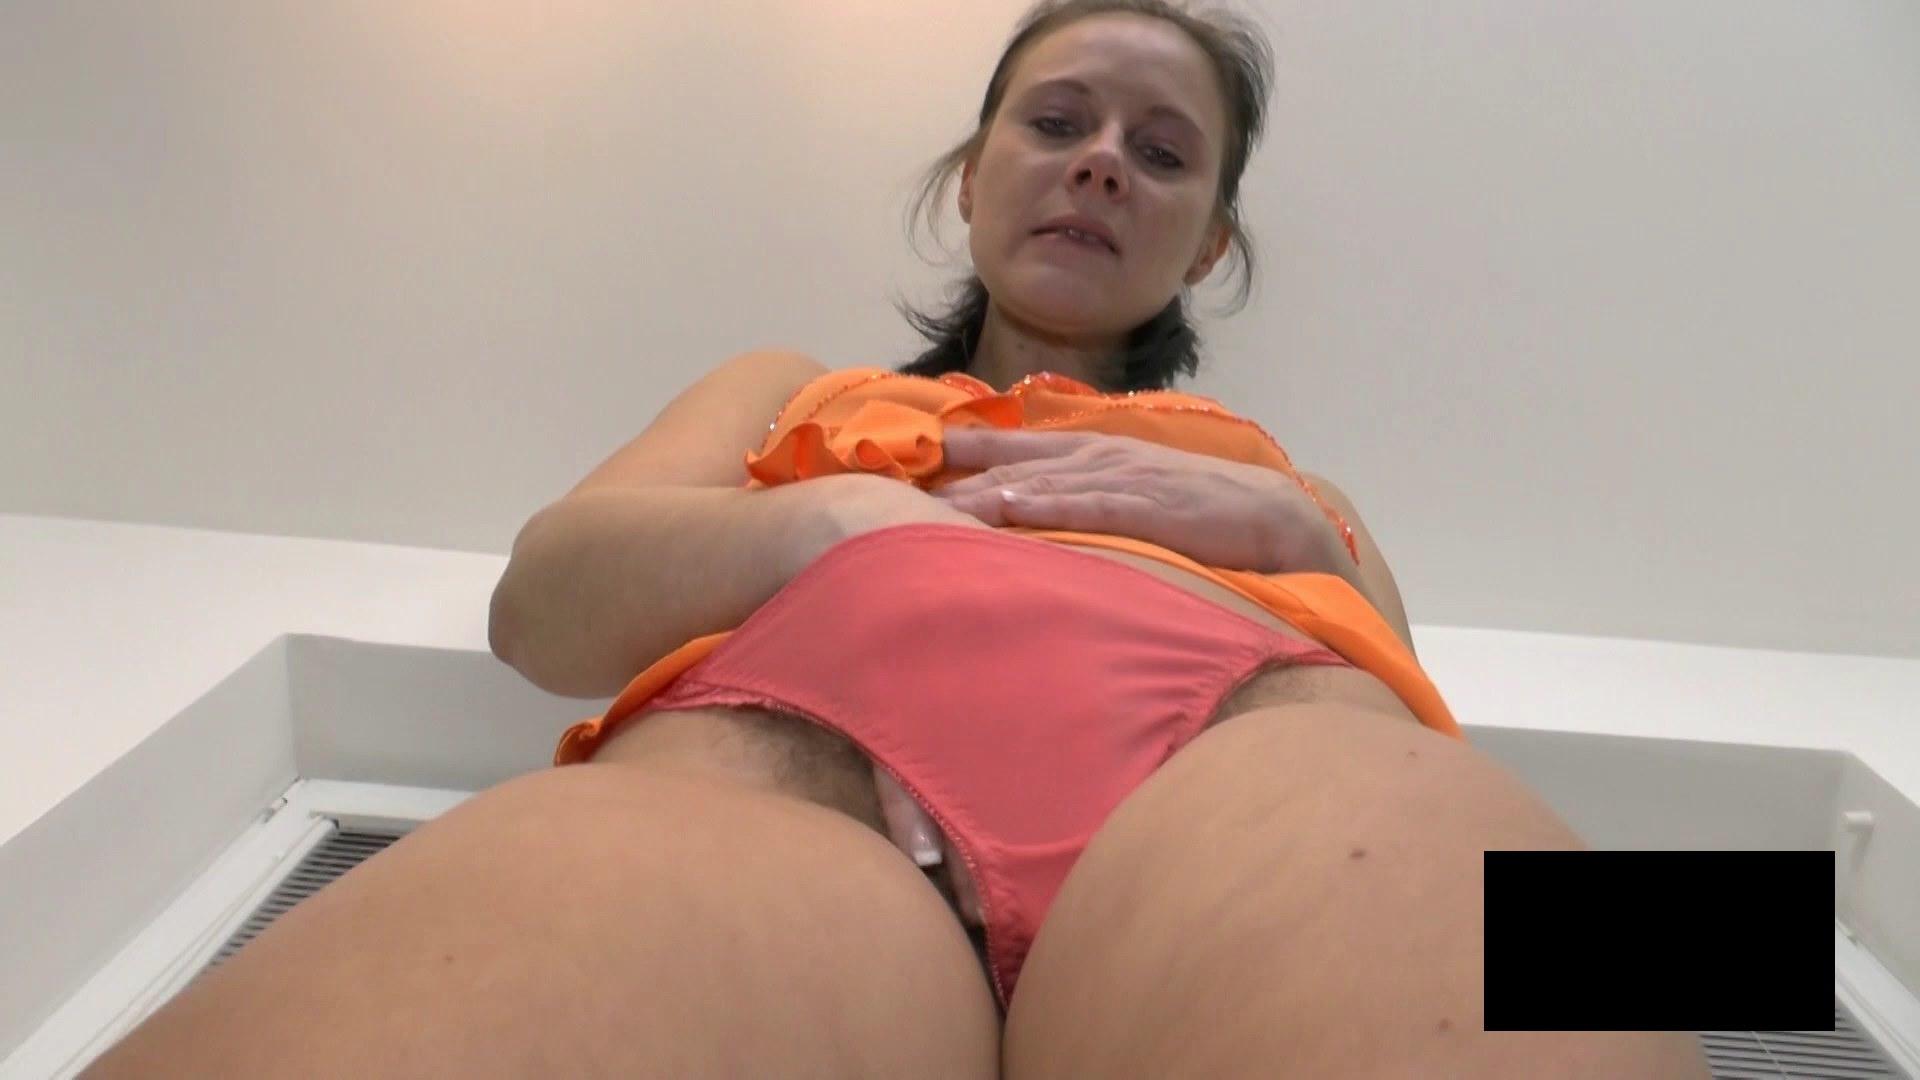 脂肪たっぷりの東欧熟女の脱衣ヌード画像貼ってくwwwwwwwww M3MnEVW